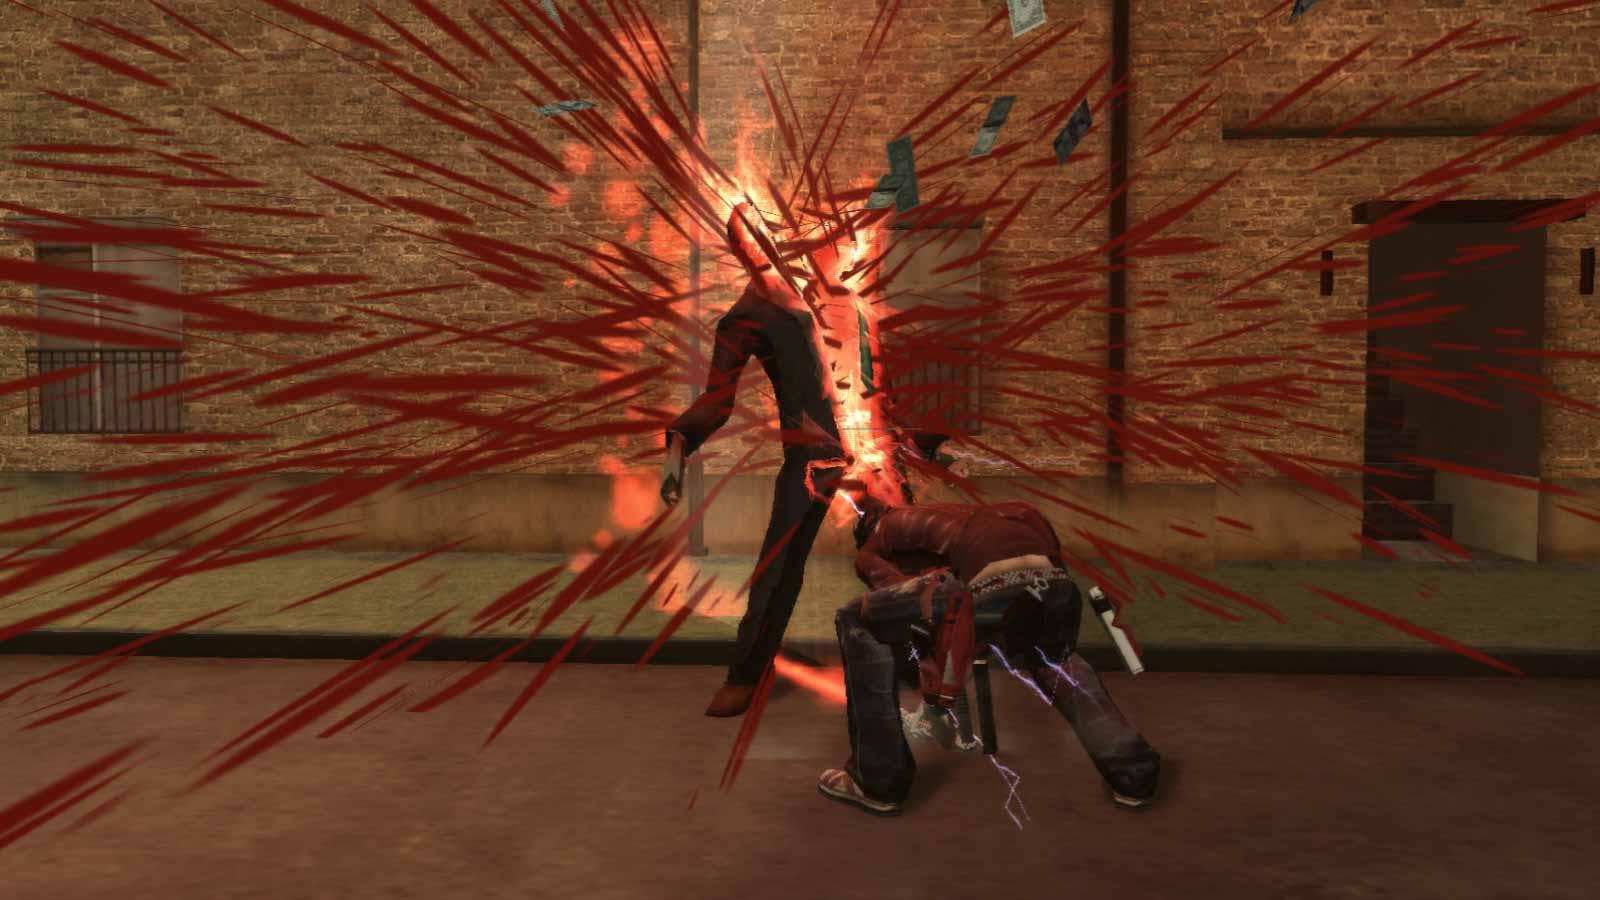 Videogiochi pericolosi. E' emergenza per i bambini